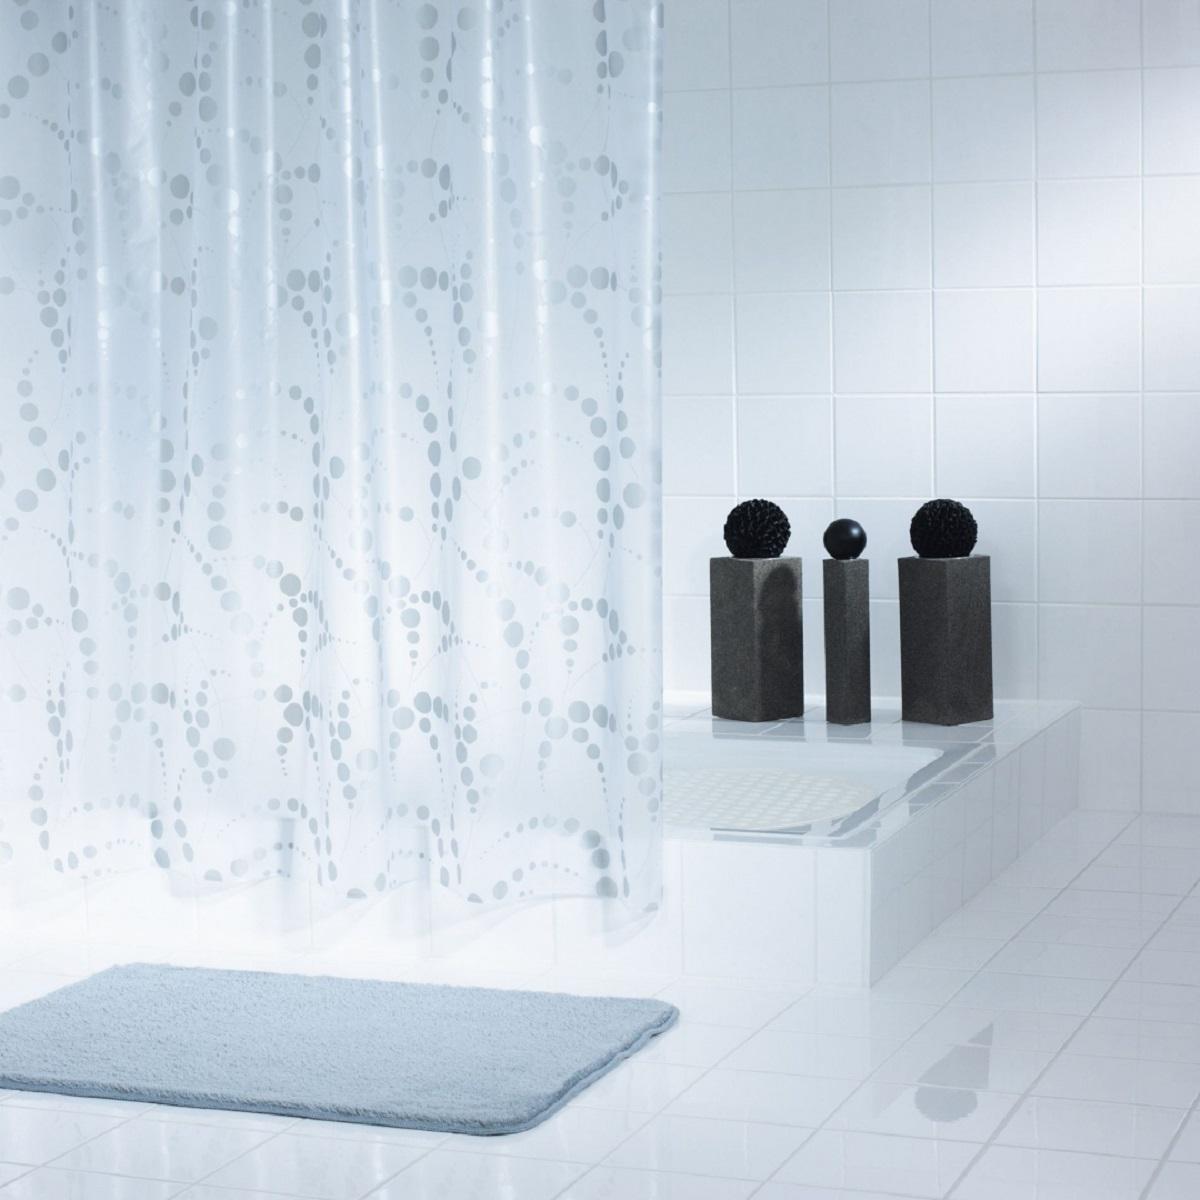 Штора для ванной комнаты Ridder Dots, цвет: серый, 180 х 200 см32377Штора для ванной комнаты Ridder Dots, изготовленная из высококачественного полиэтиленвинилацетата, приятна на ощупь, устойчива к разрывам и проколам, не пропускает воду. Изделие декорировано ярким рисунком с изображением кругов. Штора надежно защитит от брызг и капель пространство вашей ванной комнаты в то время, пока вы принимаете душ, а привлекательный дизайн шторы наполнит вашу ванную комнату положительной энергией.